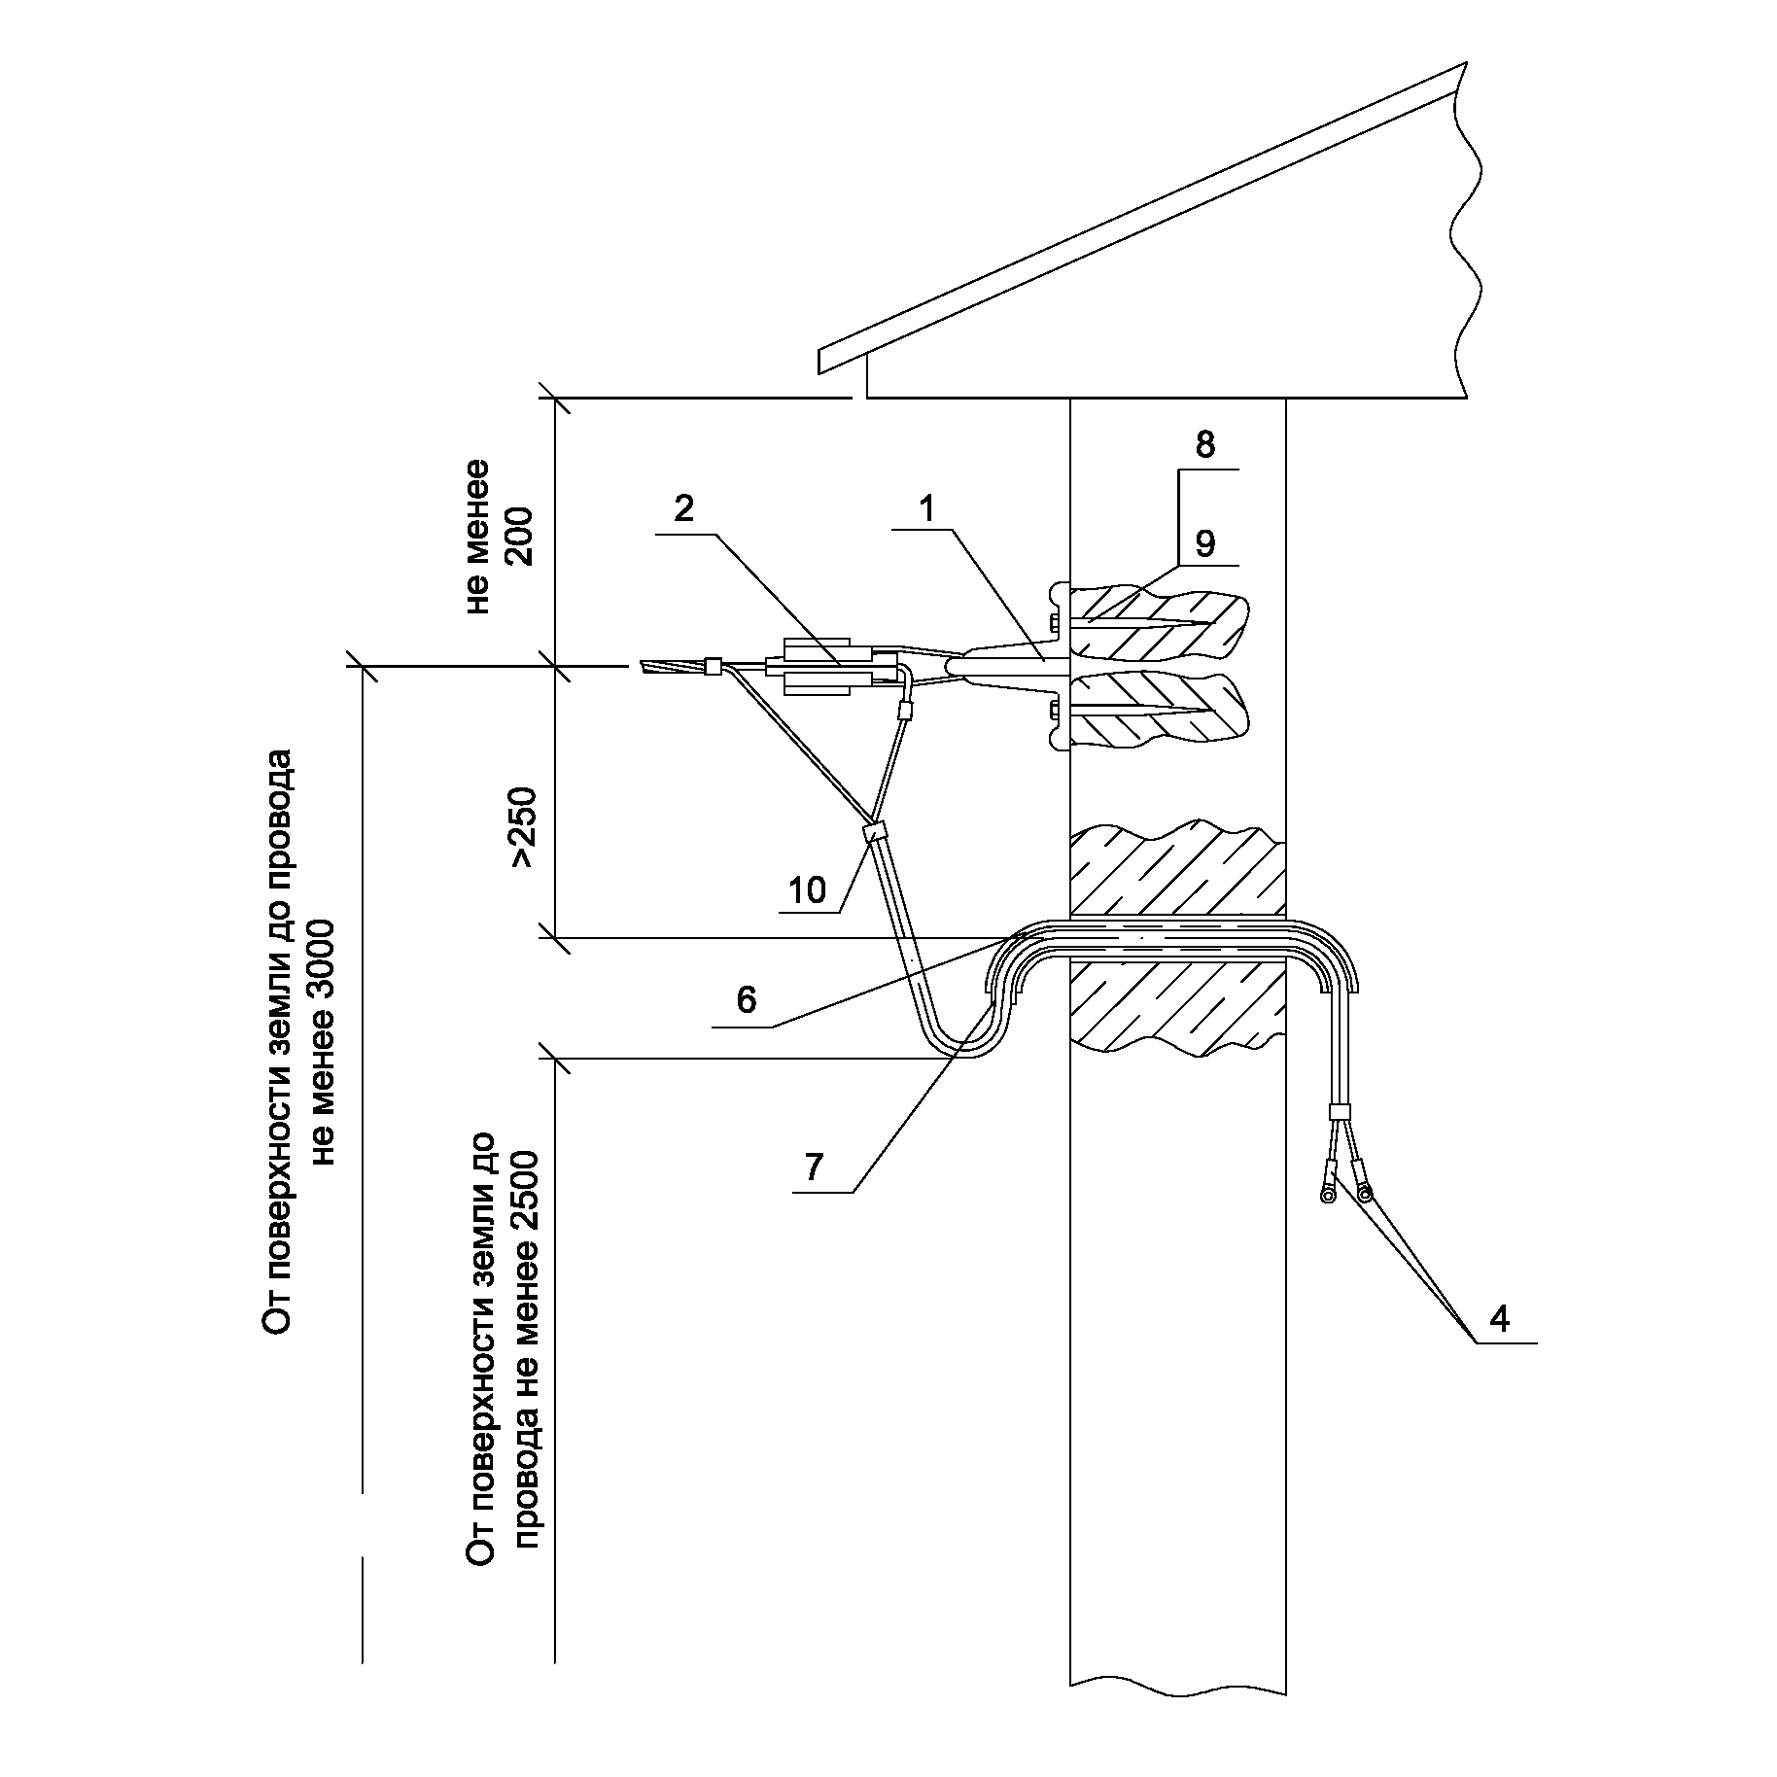 Ввод в КТП СИП4-2 от деревянной опоры IEK